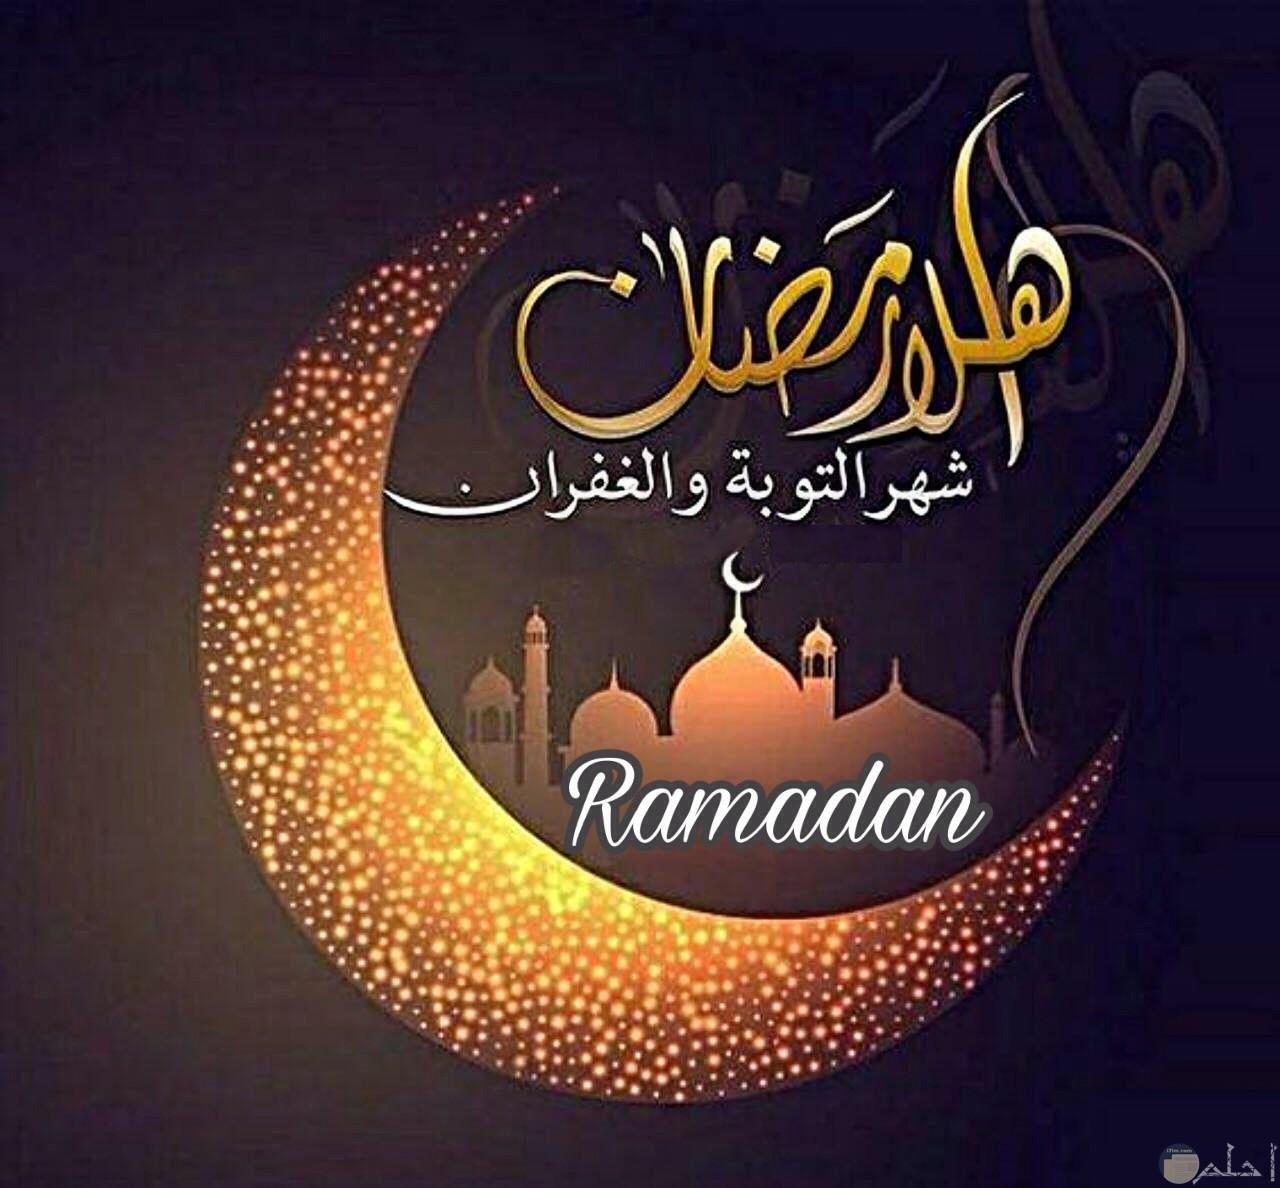 رمضان شهر التوبة و الرحمة.